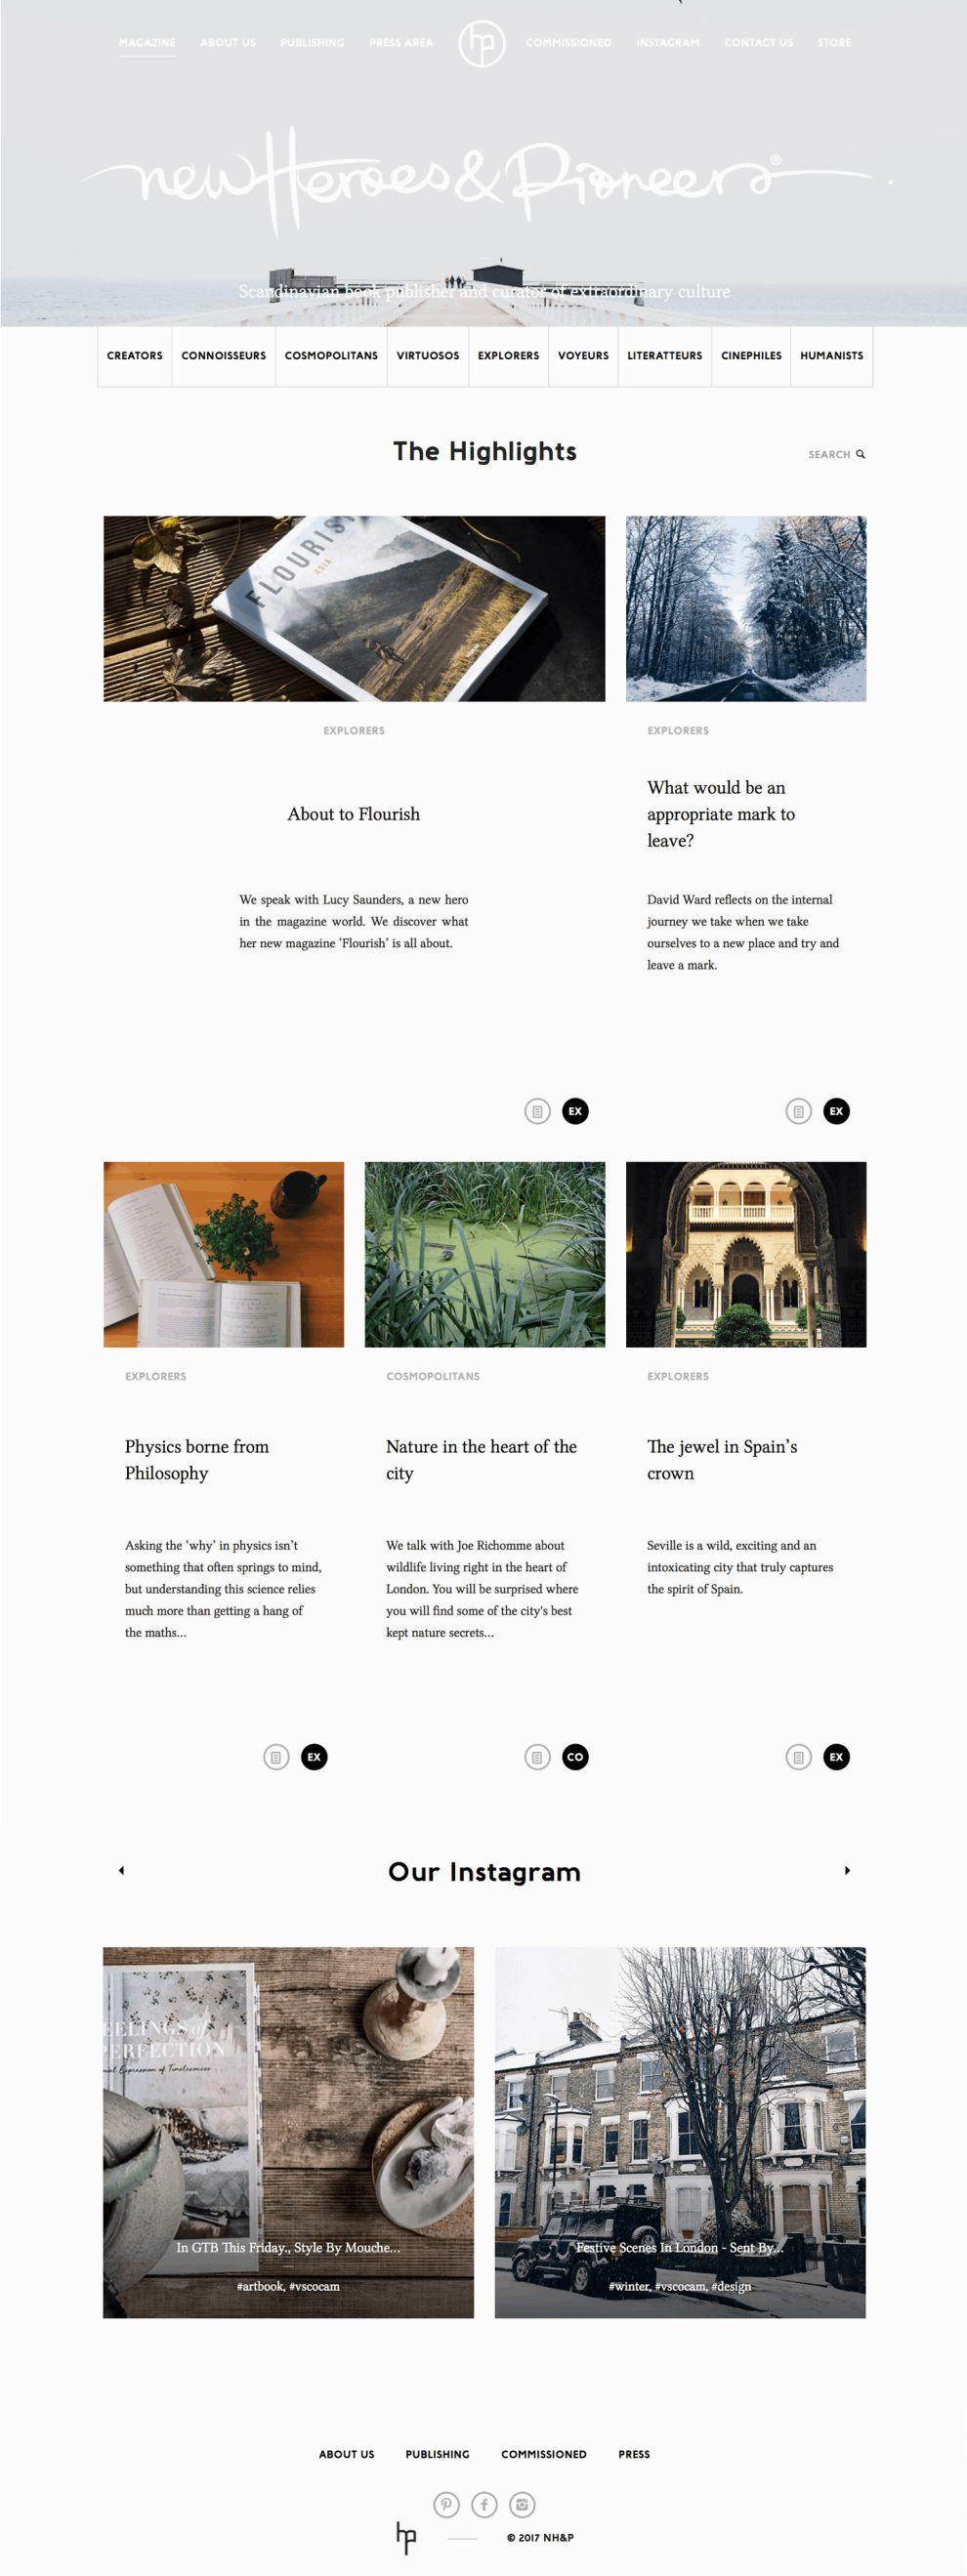 New Heroes & Pioneers Website Design Homepage